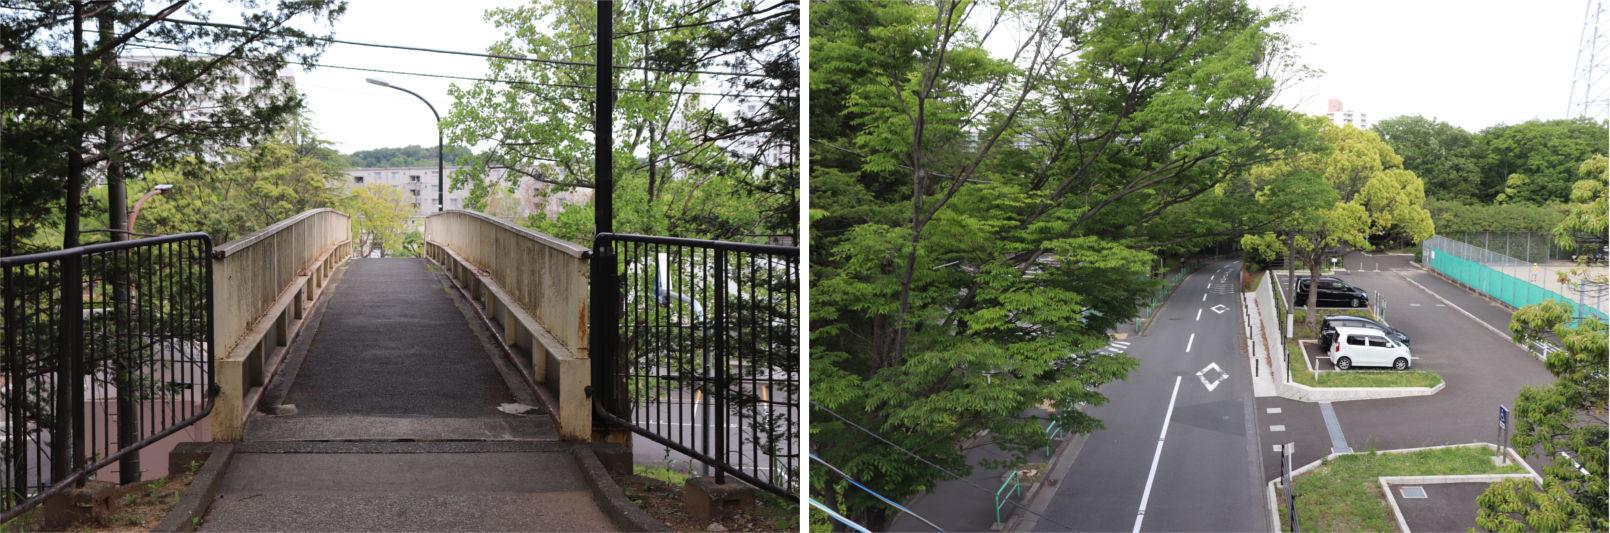 [多摩NTの橋ぜんぶ撮影PJ] No.81~85 永山地区の橋_a0332275_23143747.jpg